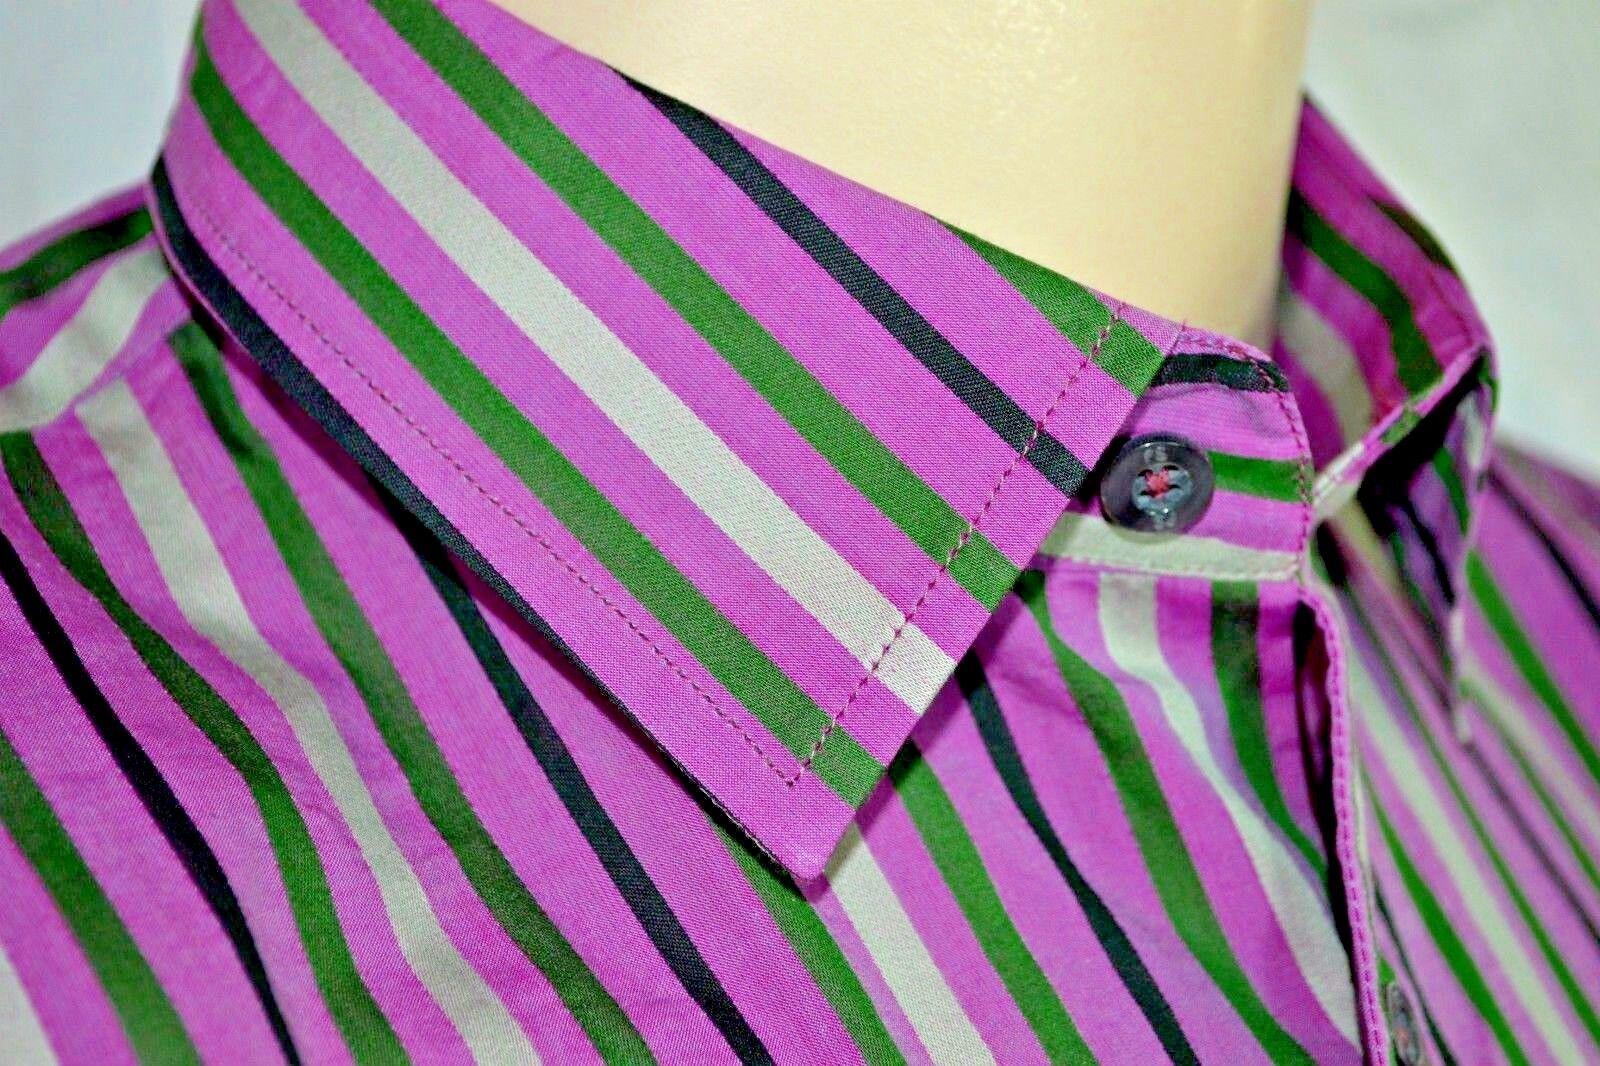 NEU   PAUL SMITH London  mens shirt Herren Hemd chemise M 39 40 neu  NEW